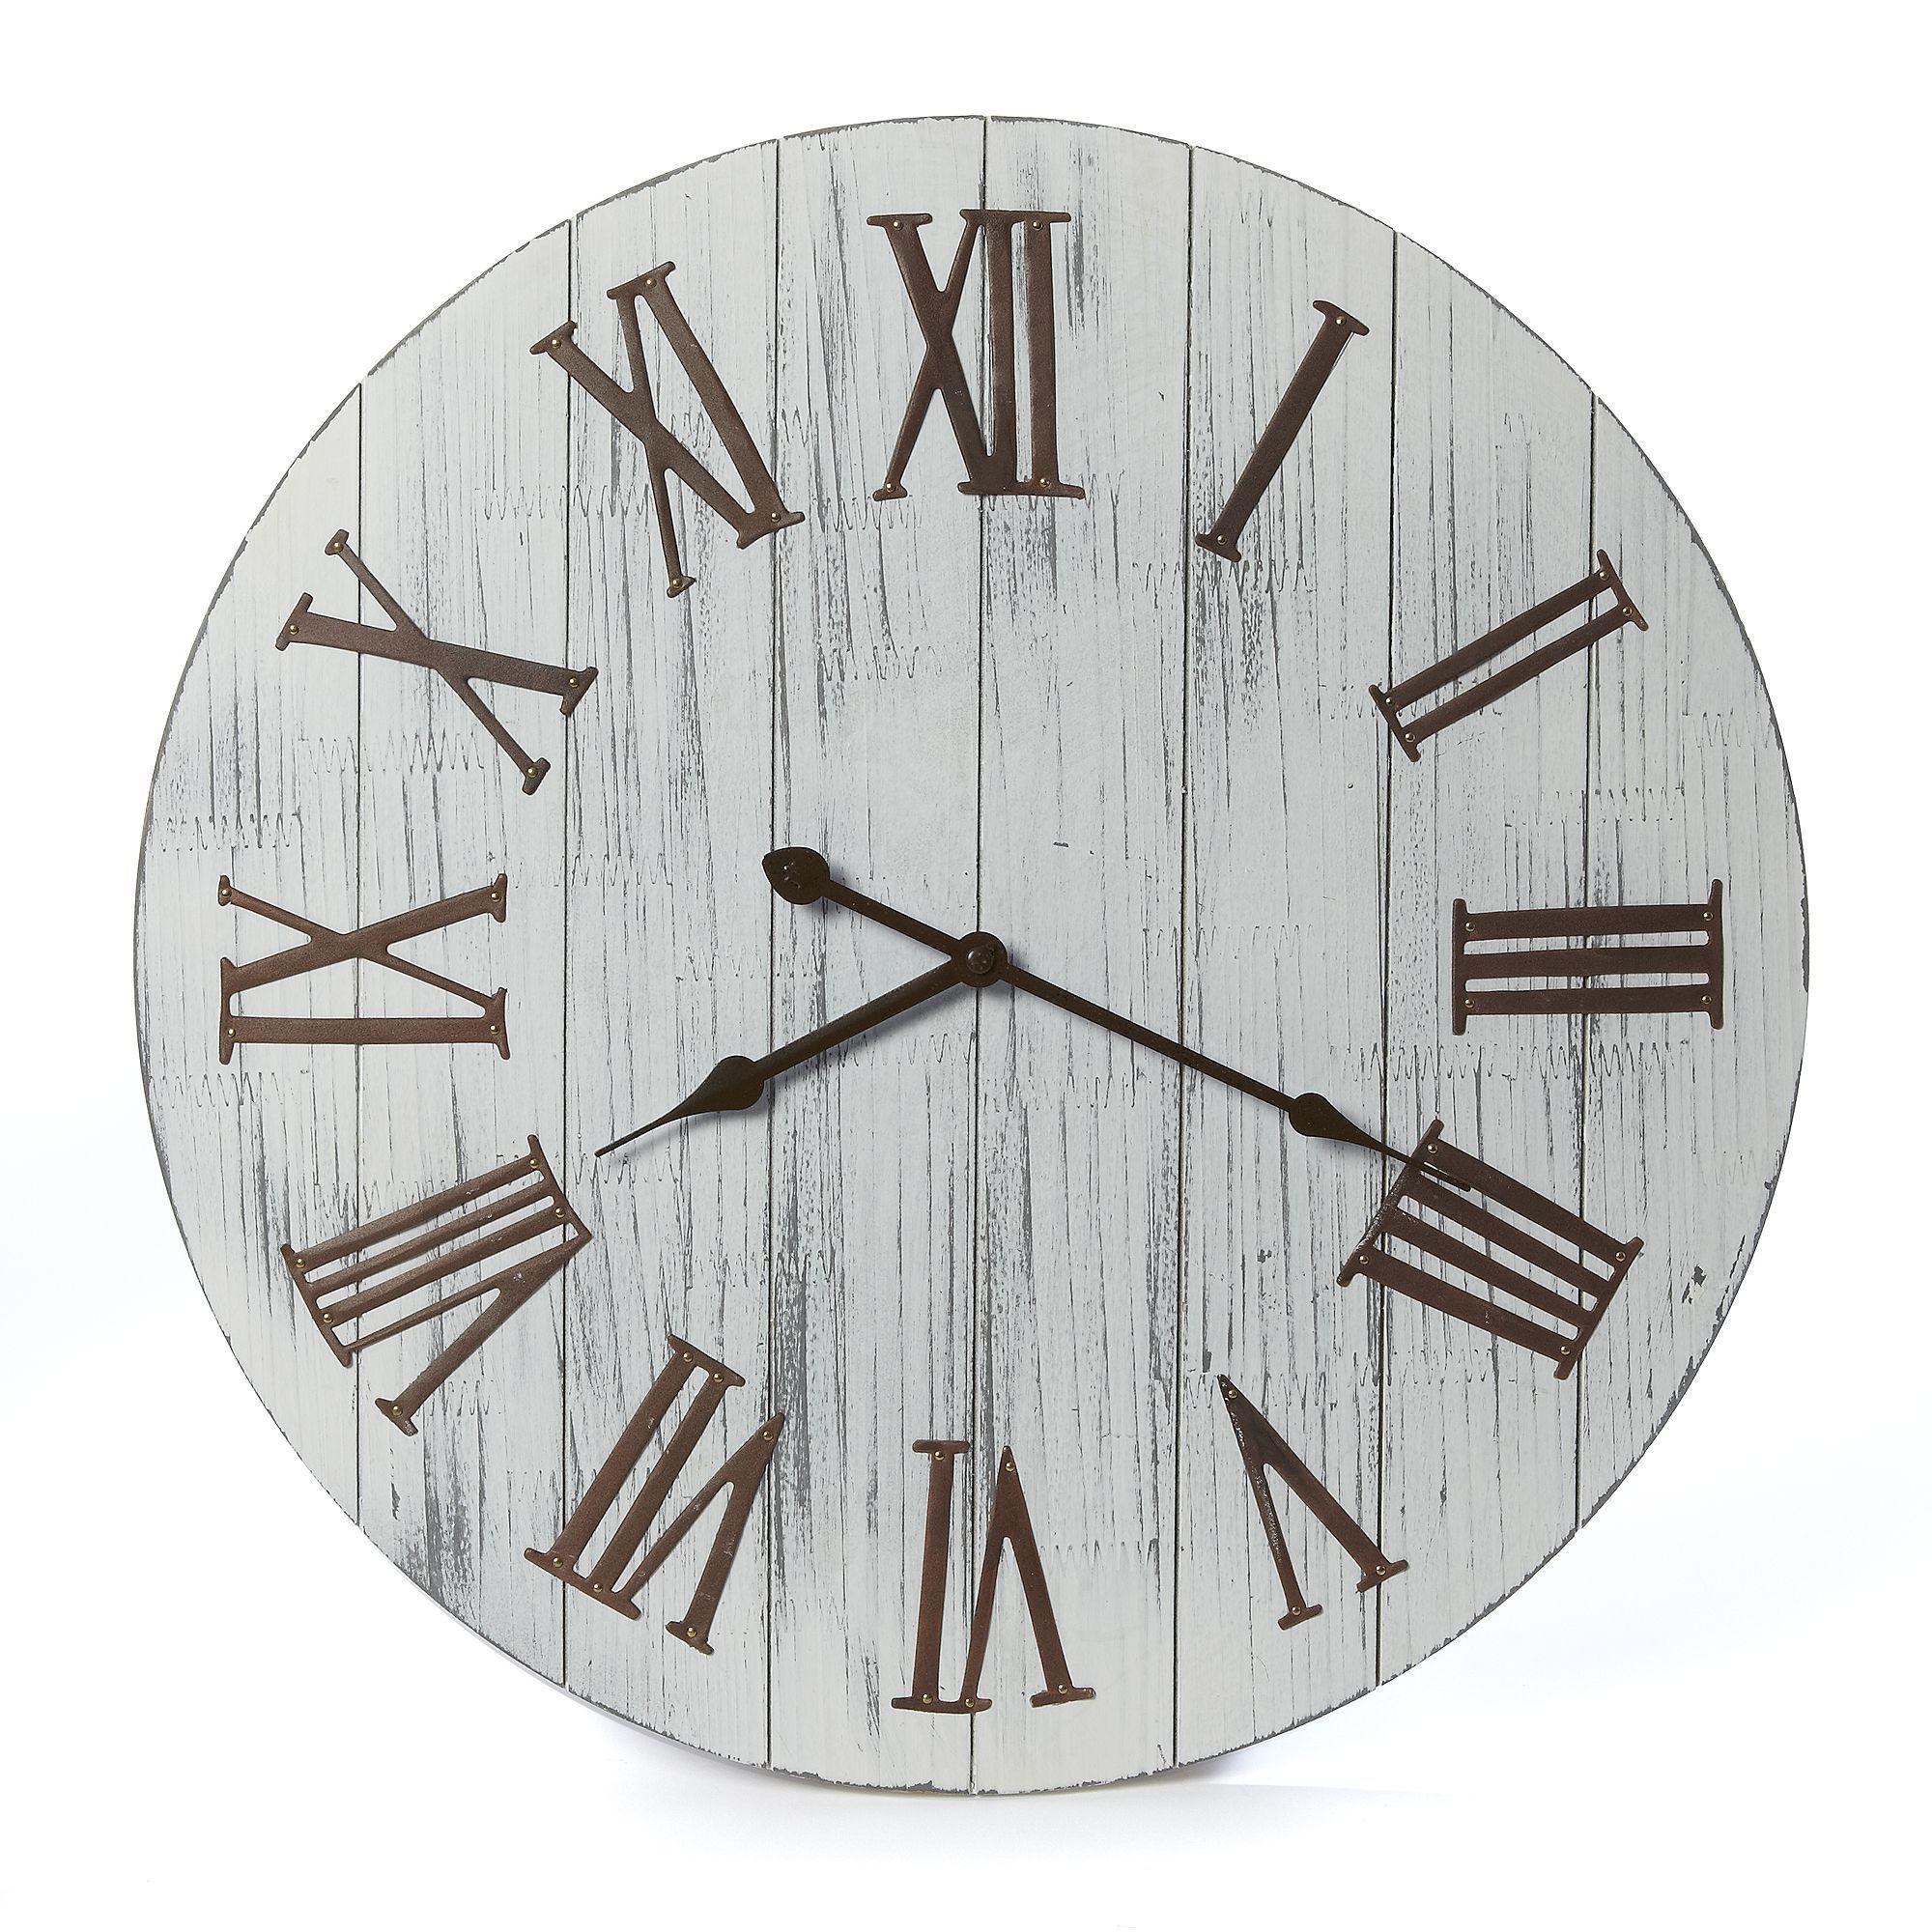 Memory Clock Horloge Murale D50cm Horloges Murales Alin A Et Horloge